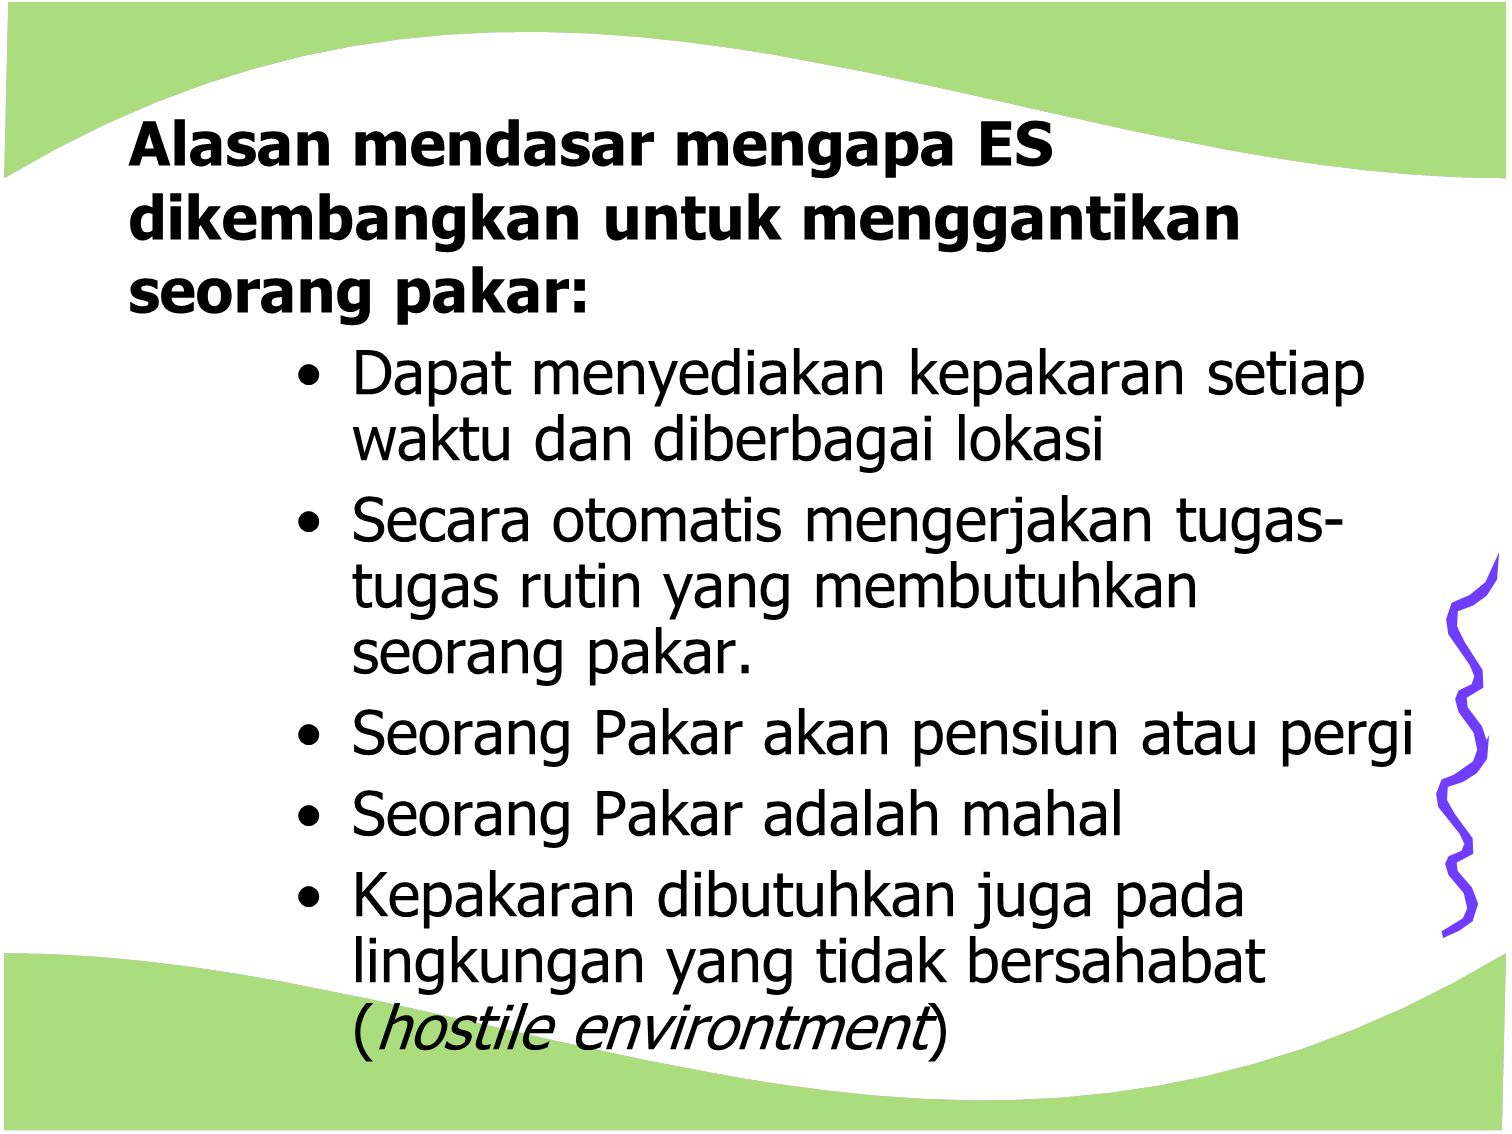 Alasan mendasar mengapa ES dikembangkan untuk menggantikan seorang pakar: